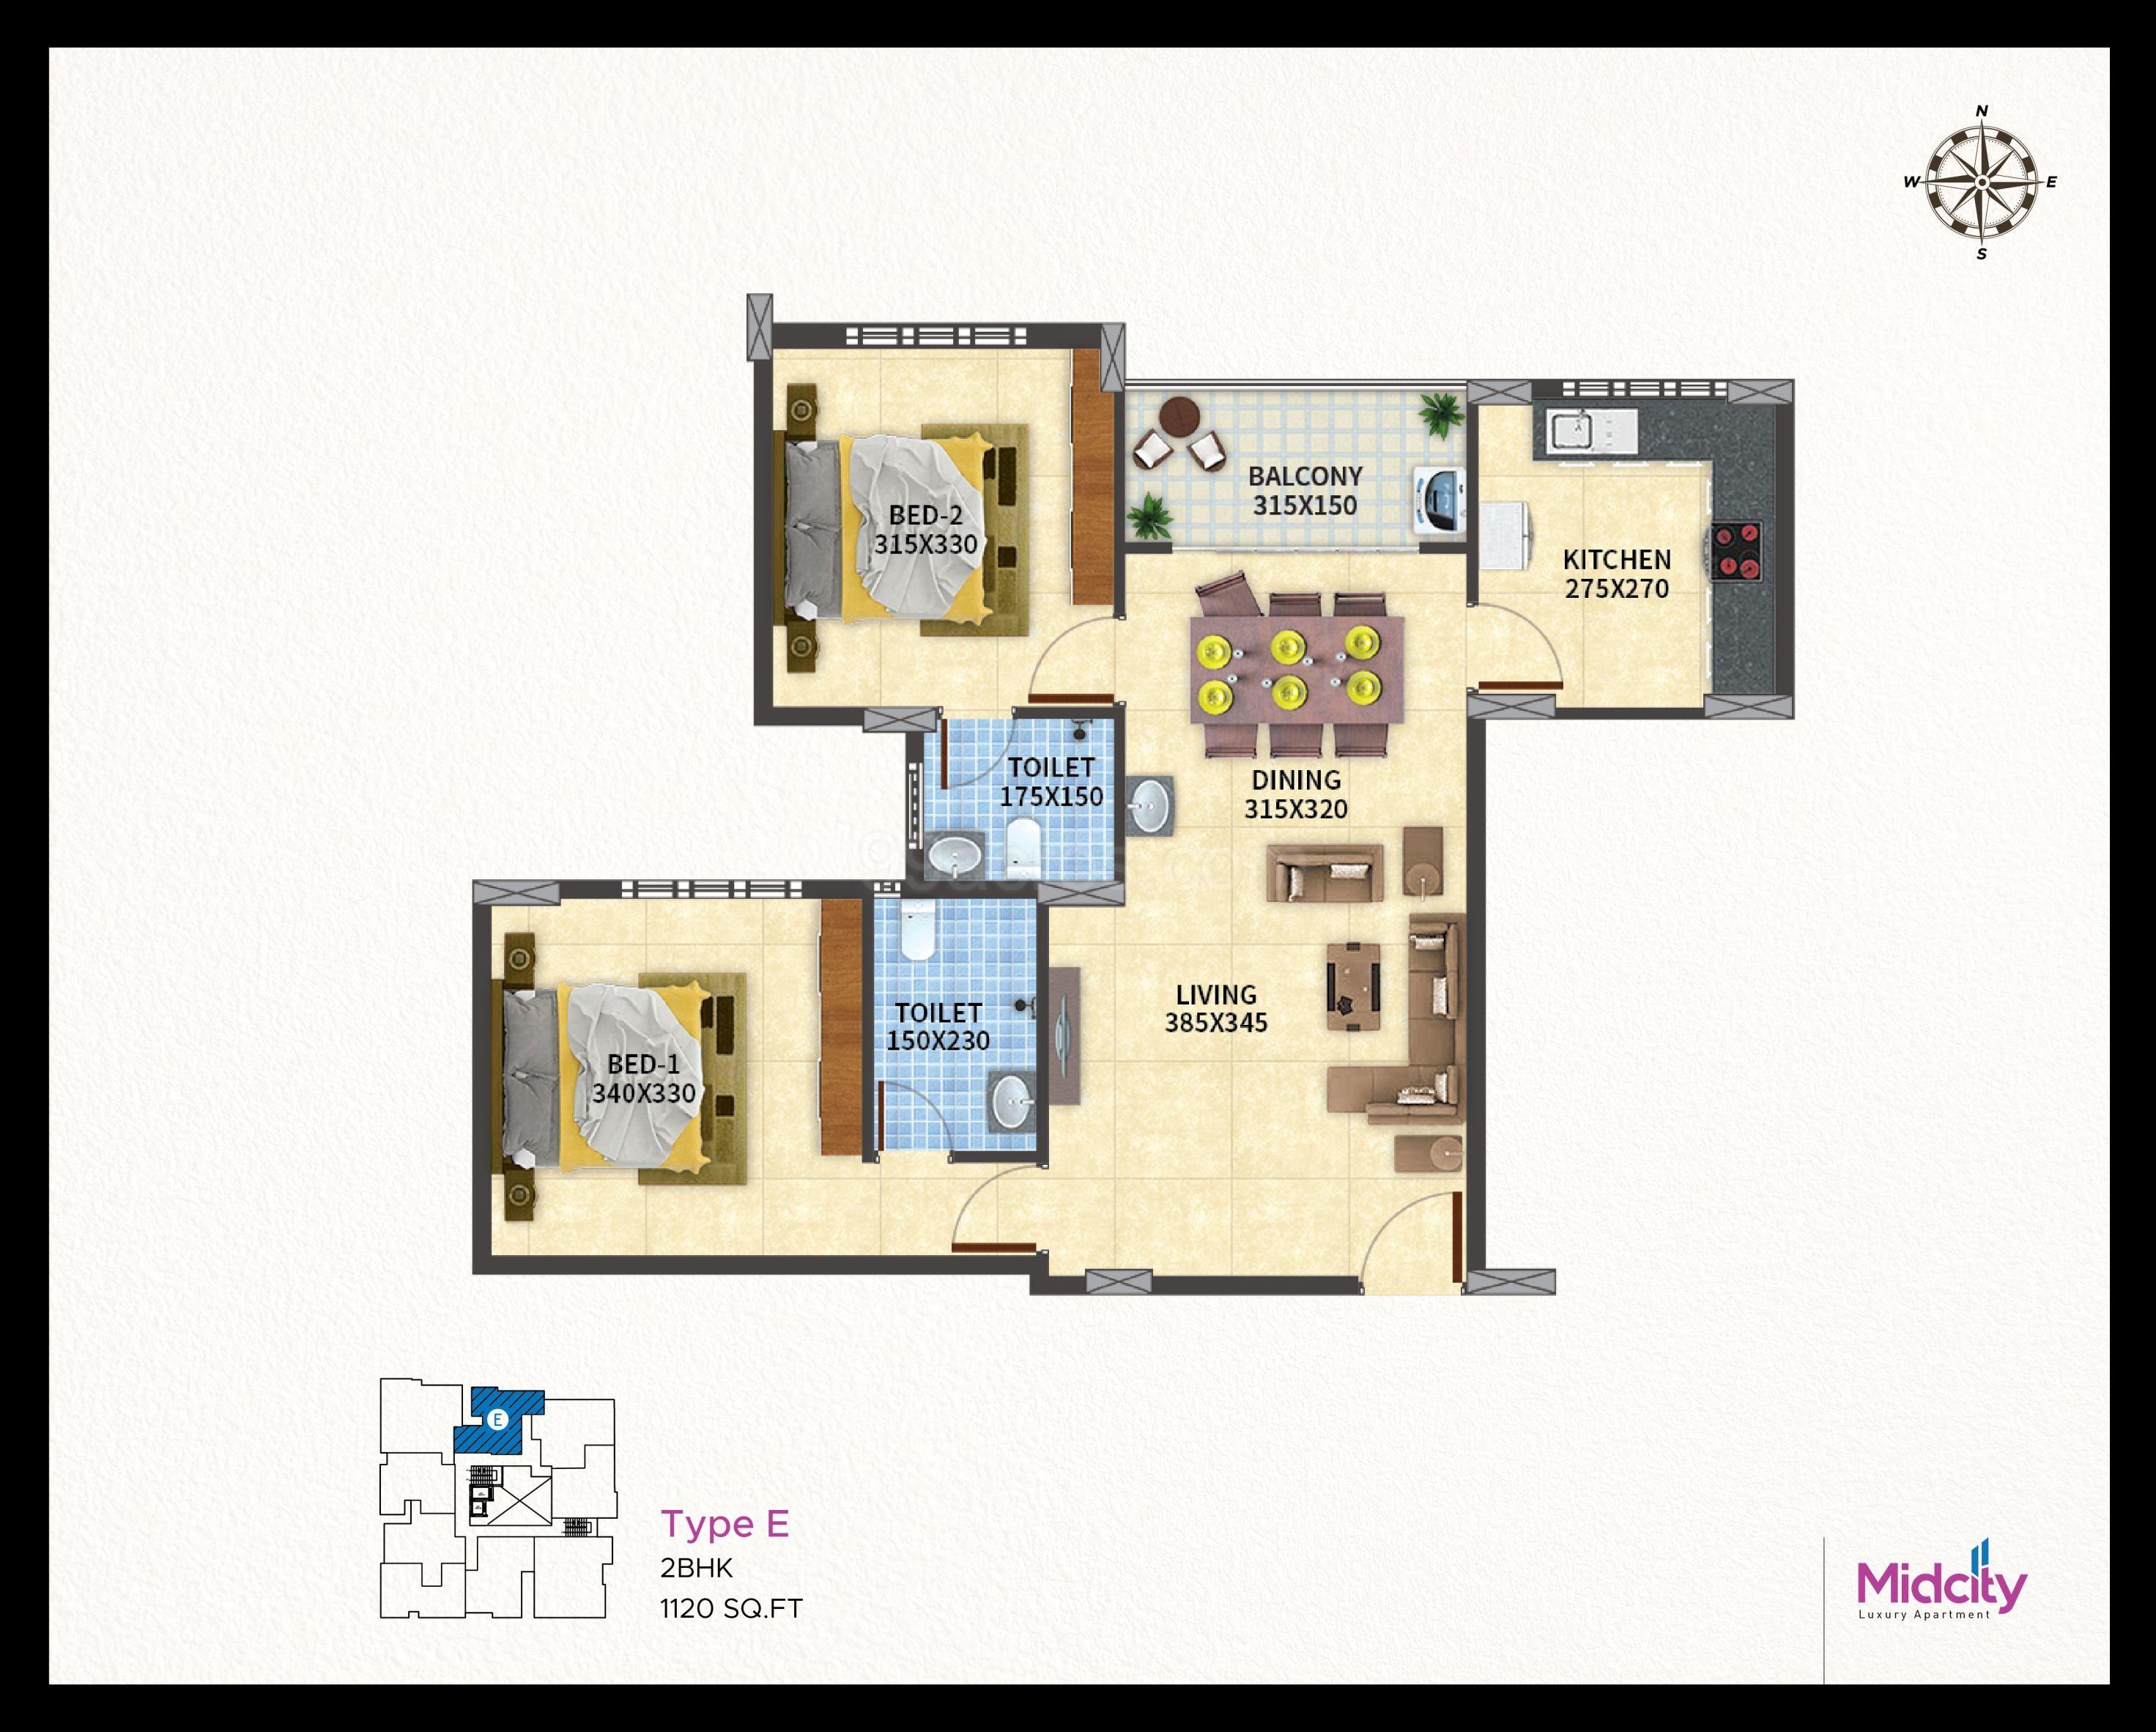 77kfwfjk Top Result 50 Beautiful Luxury townhouse Floor Plans Image 2017 Zat3